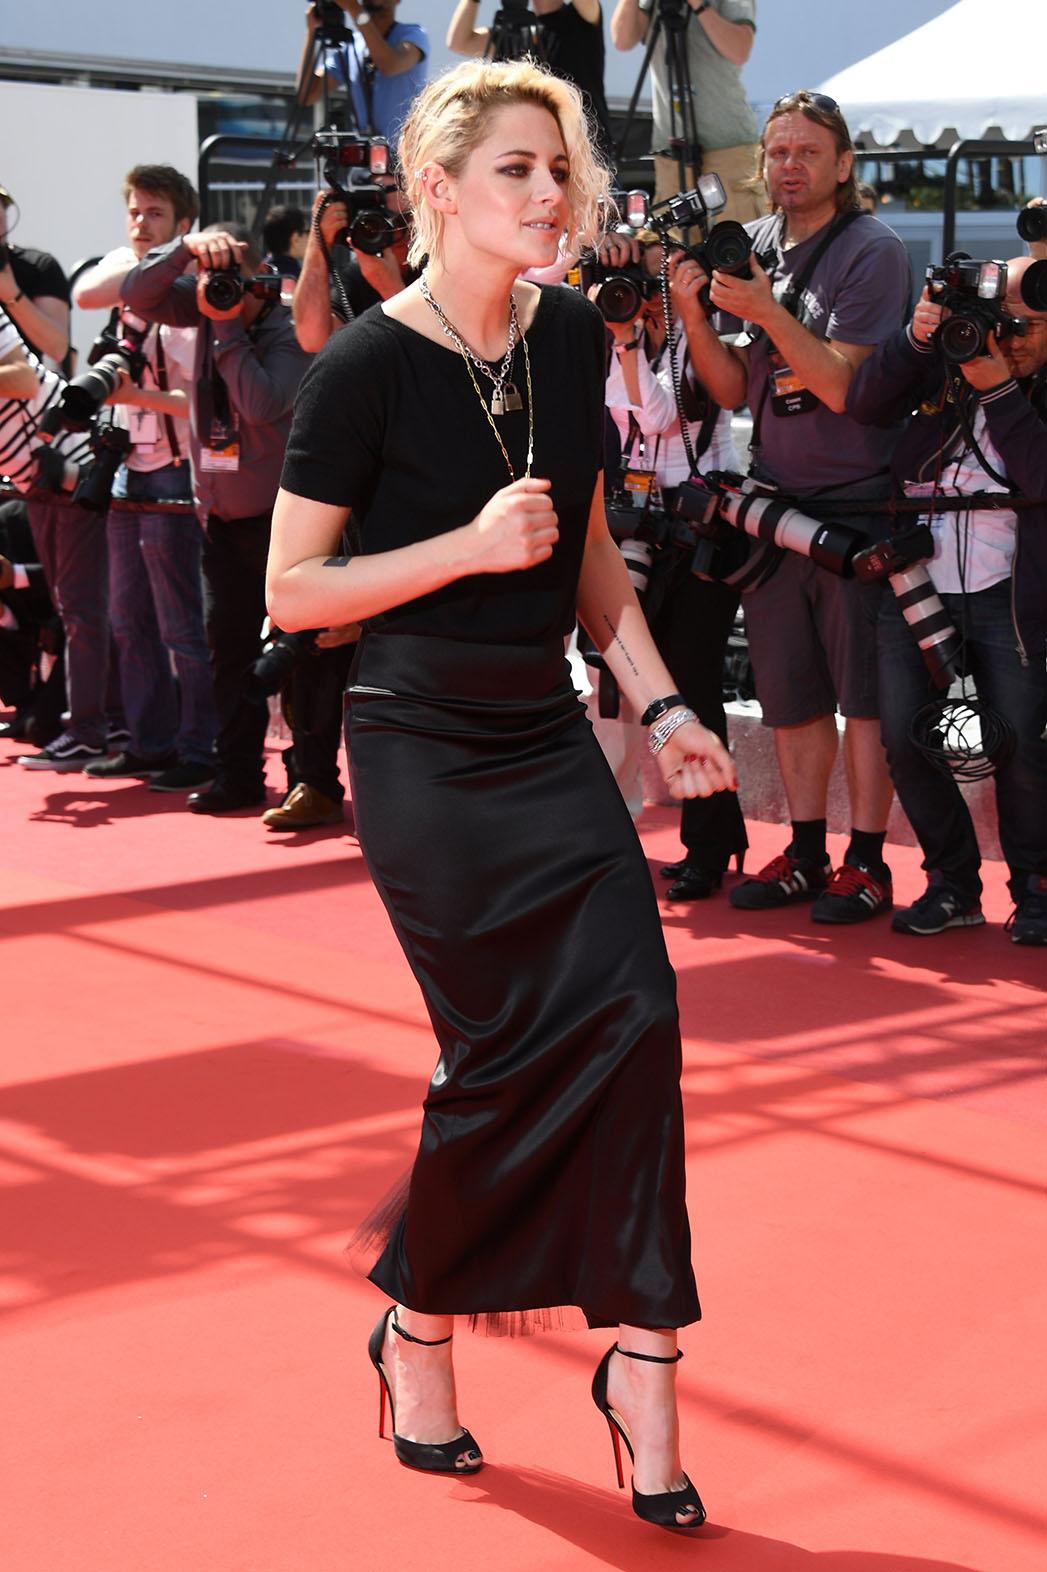 Kristen Stewart Dancing Cannes - Getty - P 2016